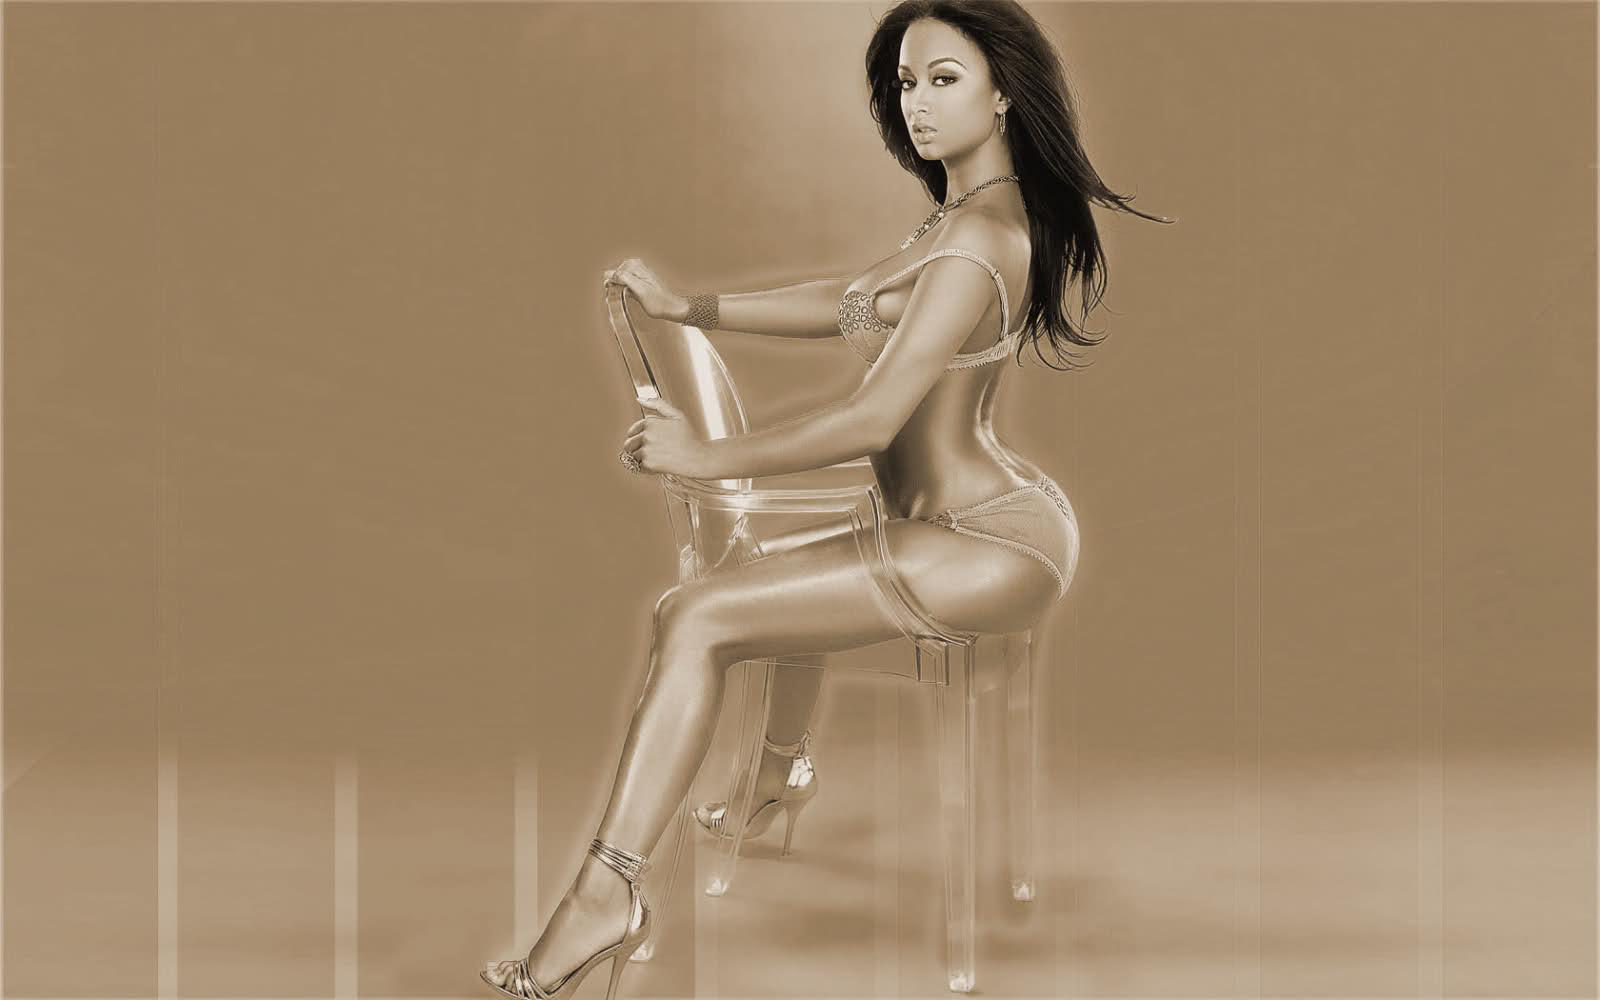 stripper15